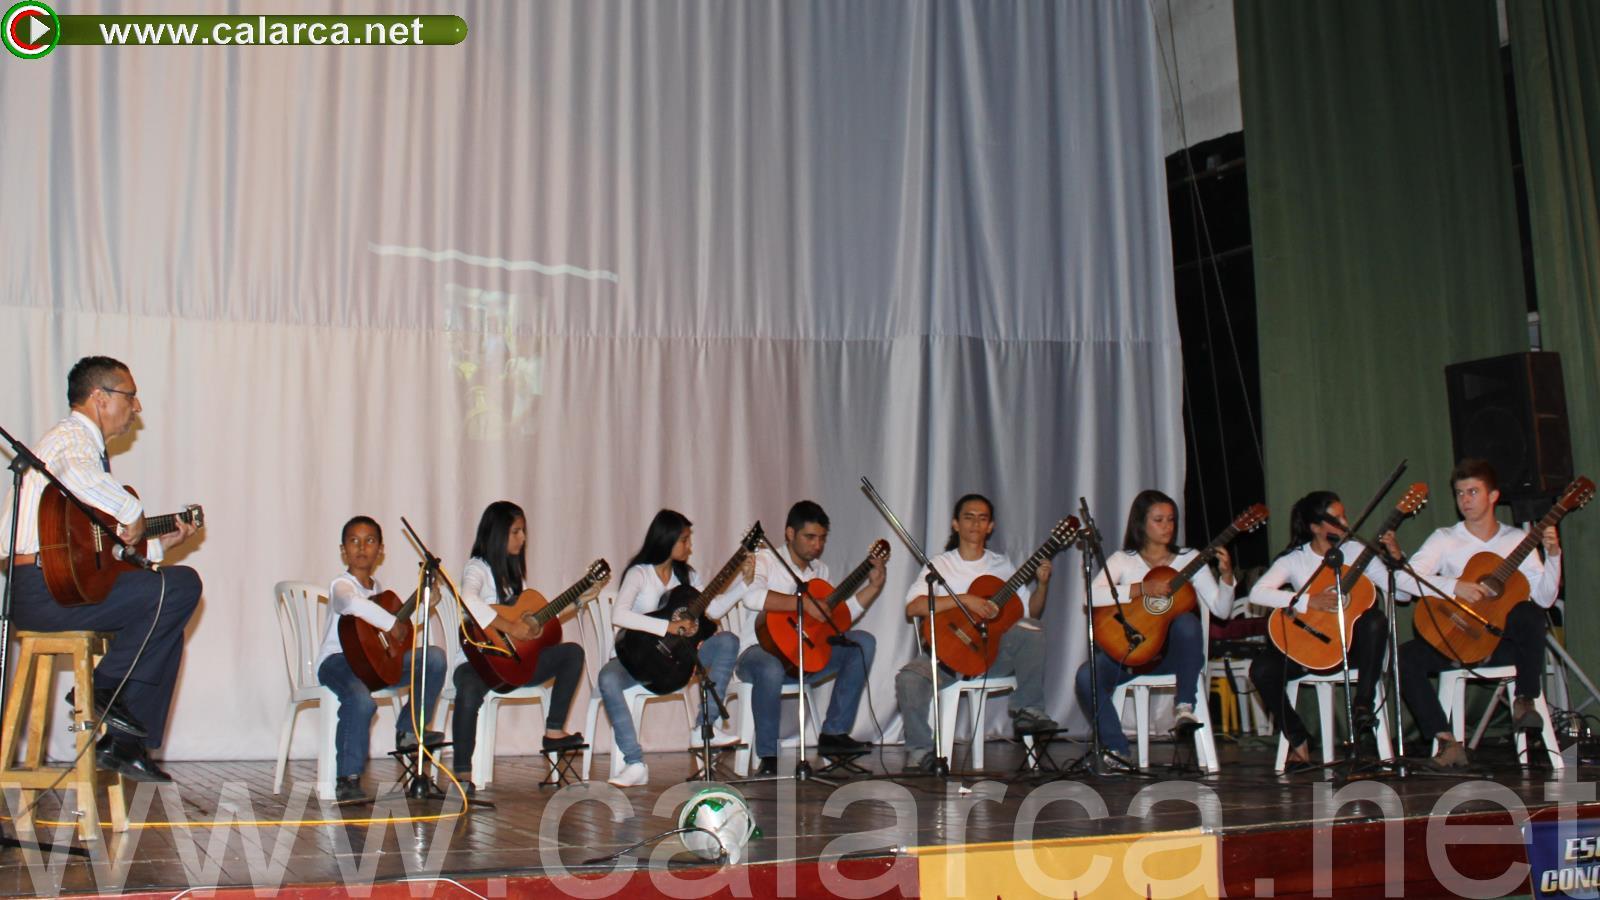 Guitarras grupo 3